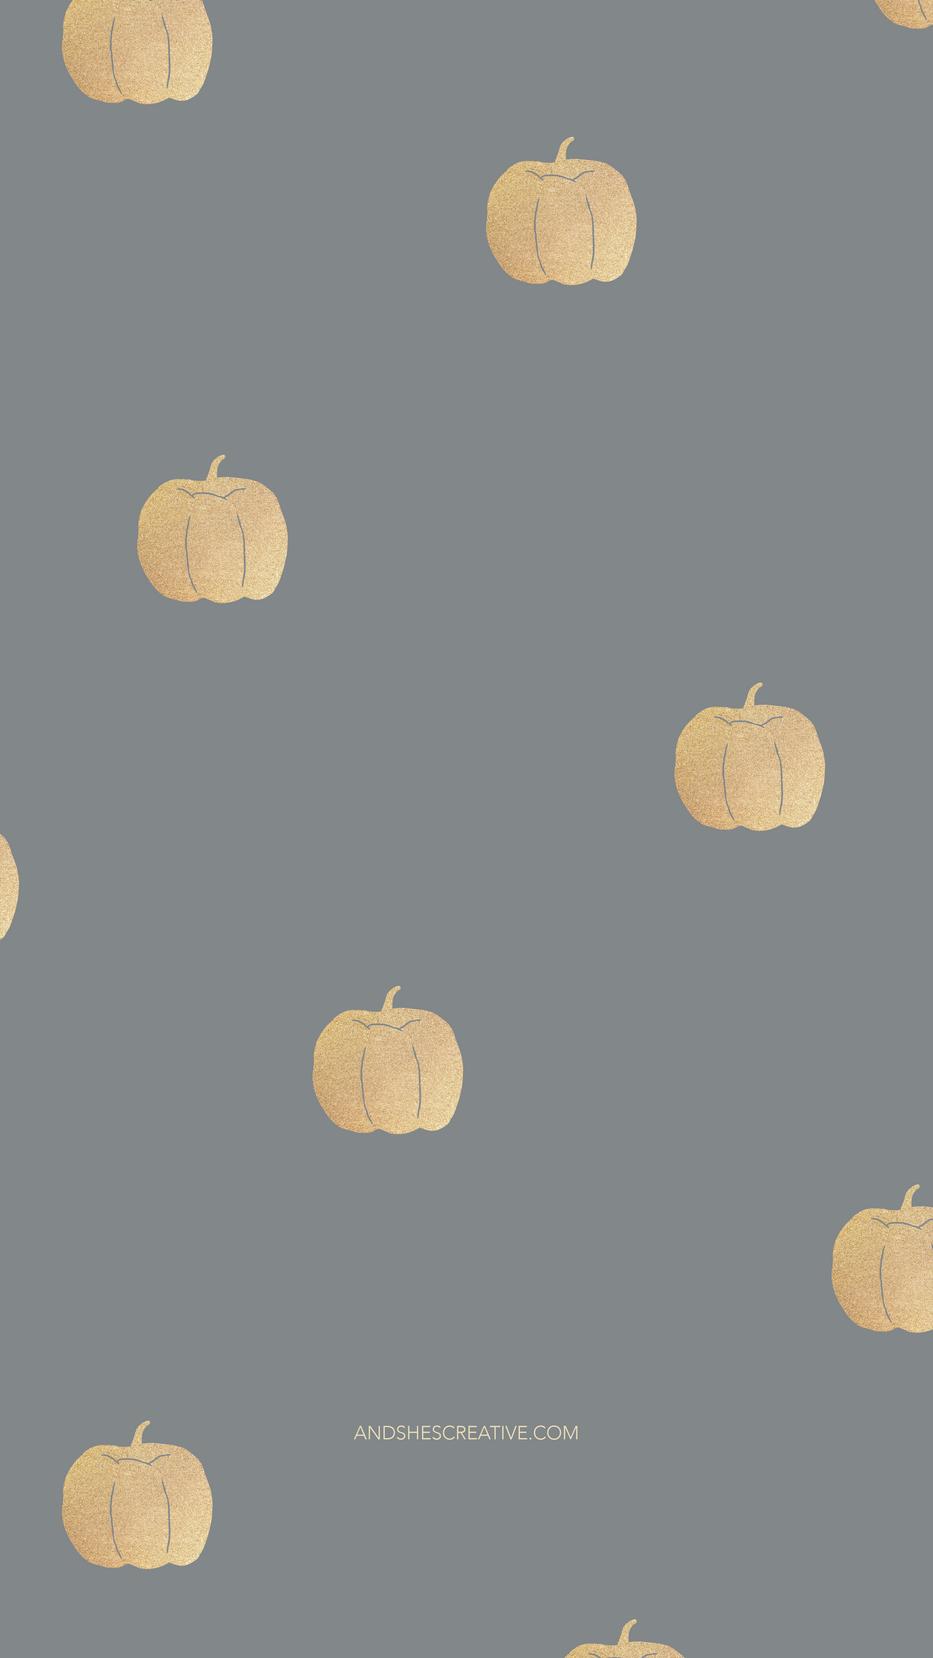 Gold Pumpkin Mobile Background